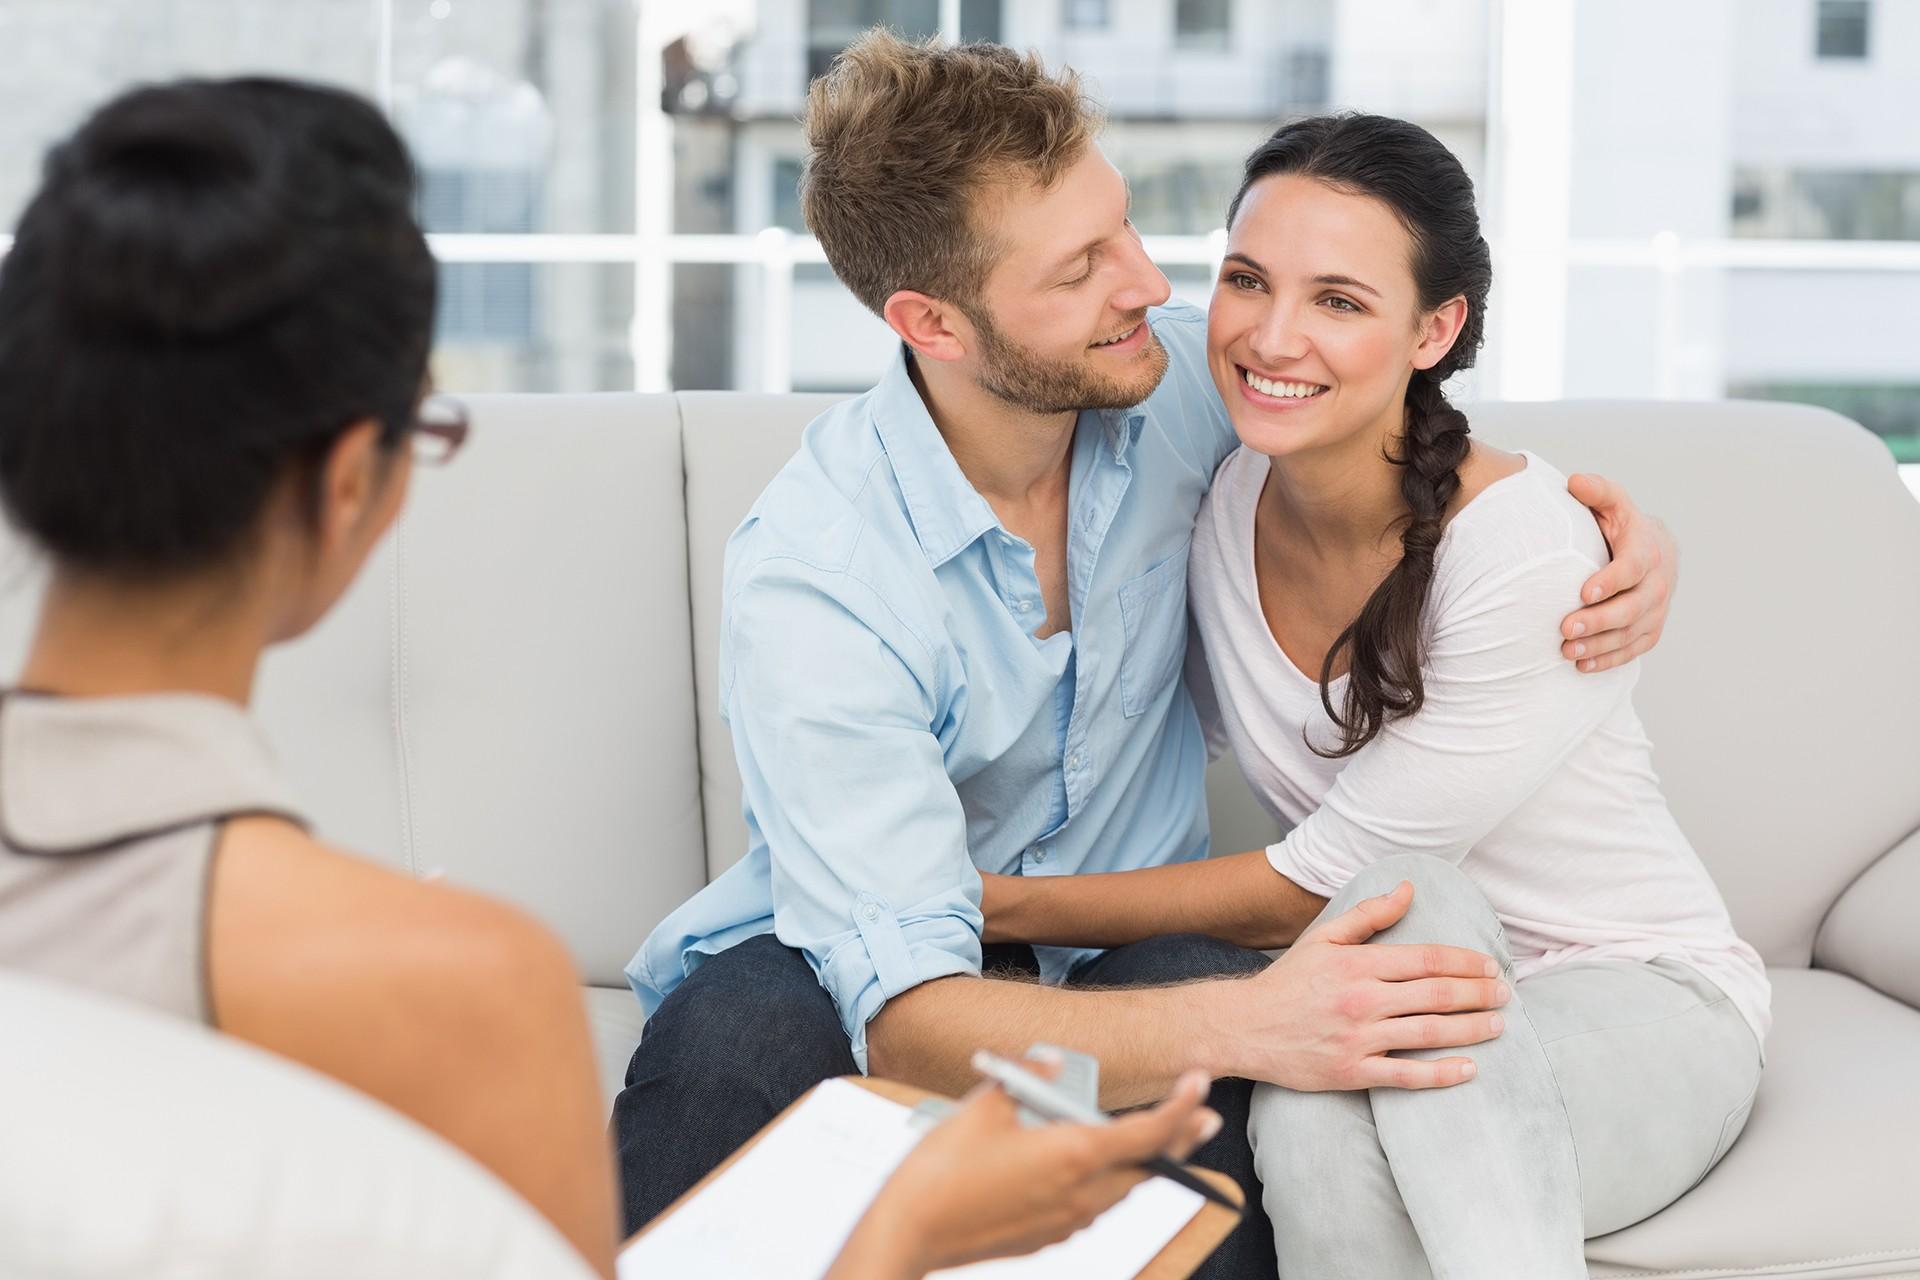 Evliliklerde en çok tartışma nedeni